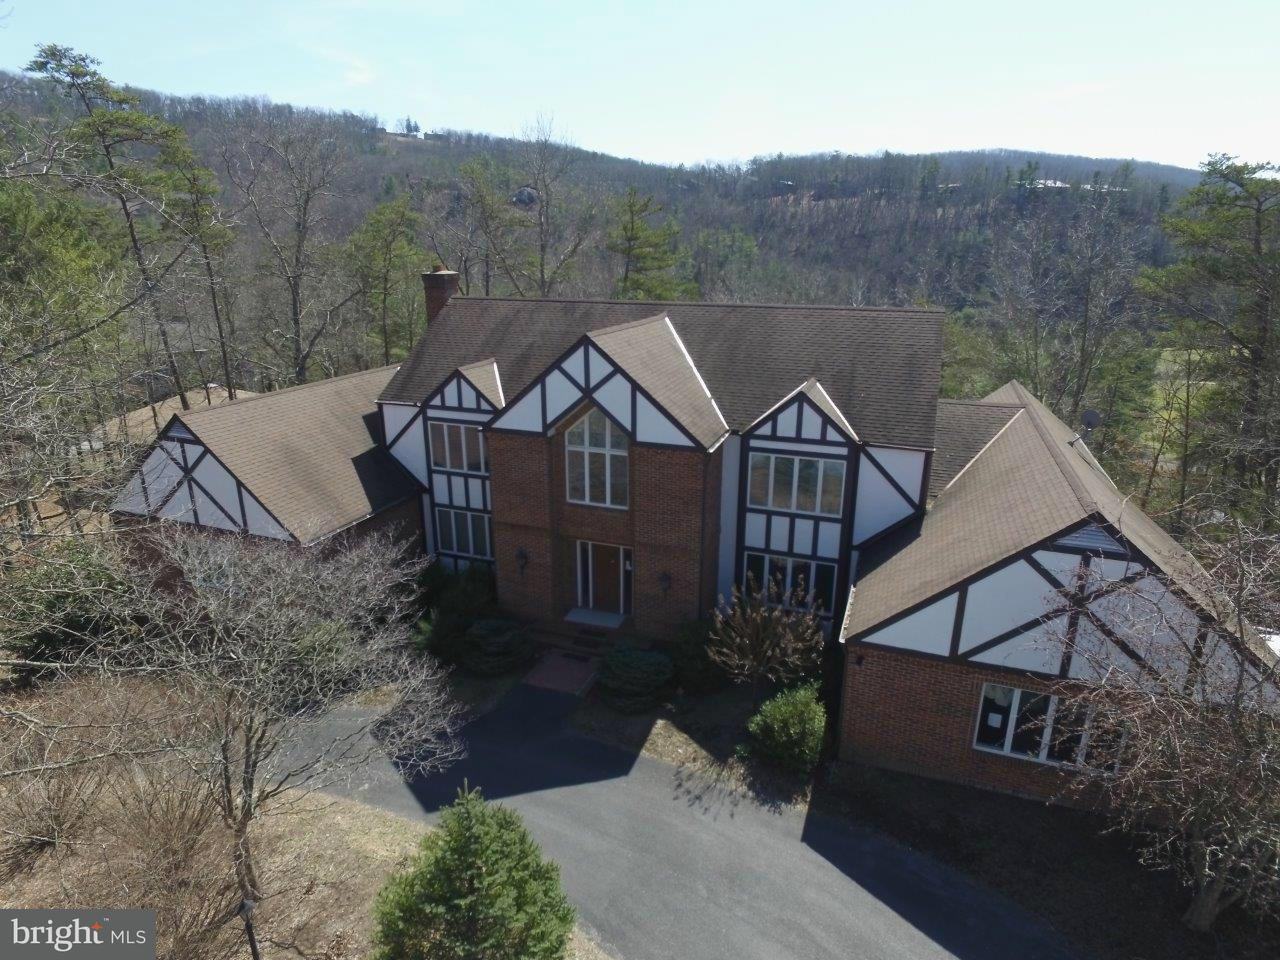 Частный односемейный дом для того Продажа на 604 NICKLAUS Drive 604 NICKLAUS Drive Basye, Виргиния 22810 Соединенные Штаты